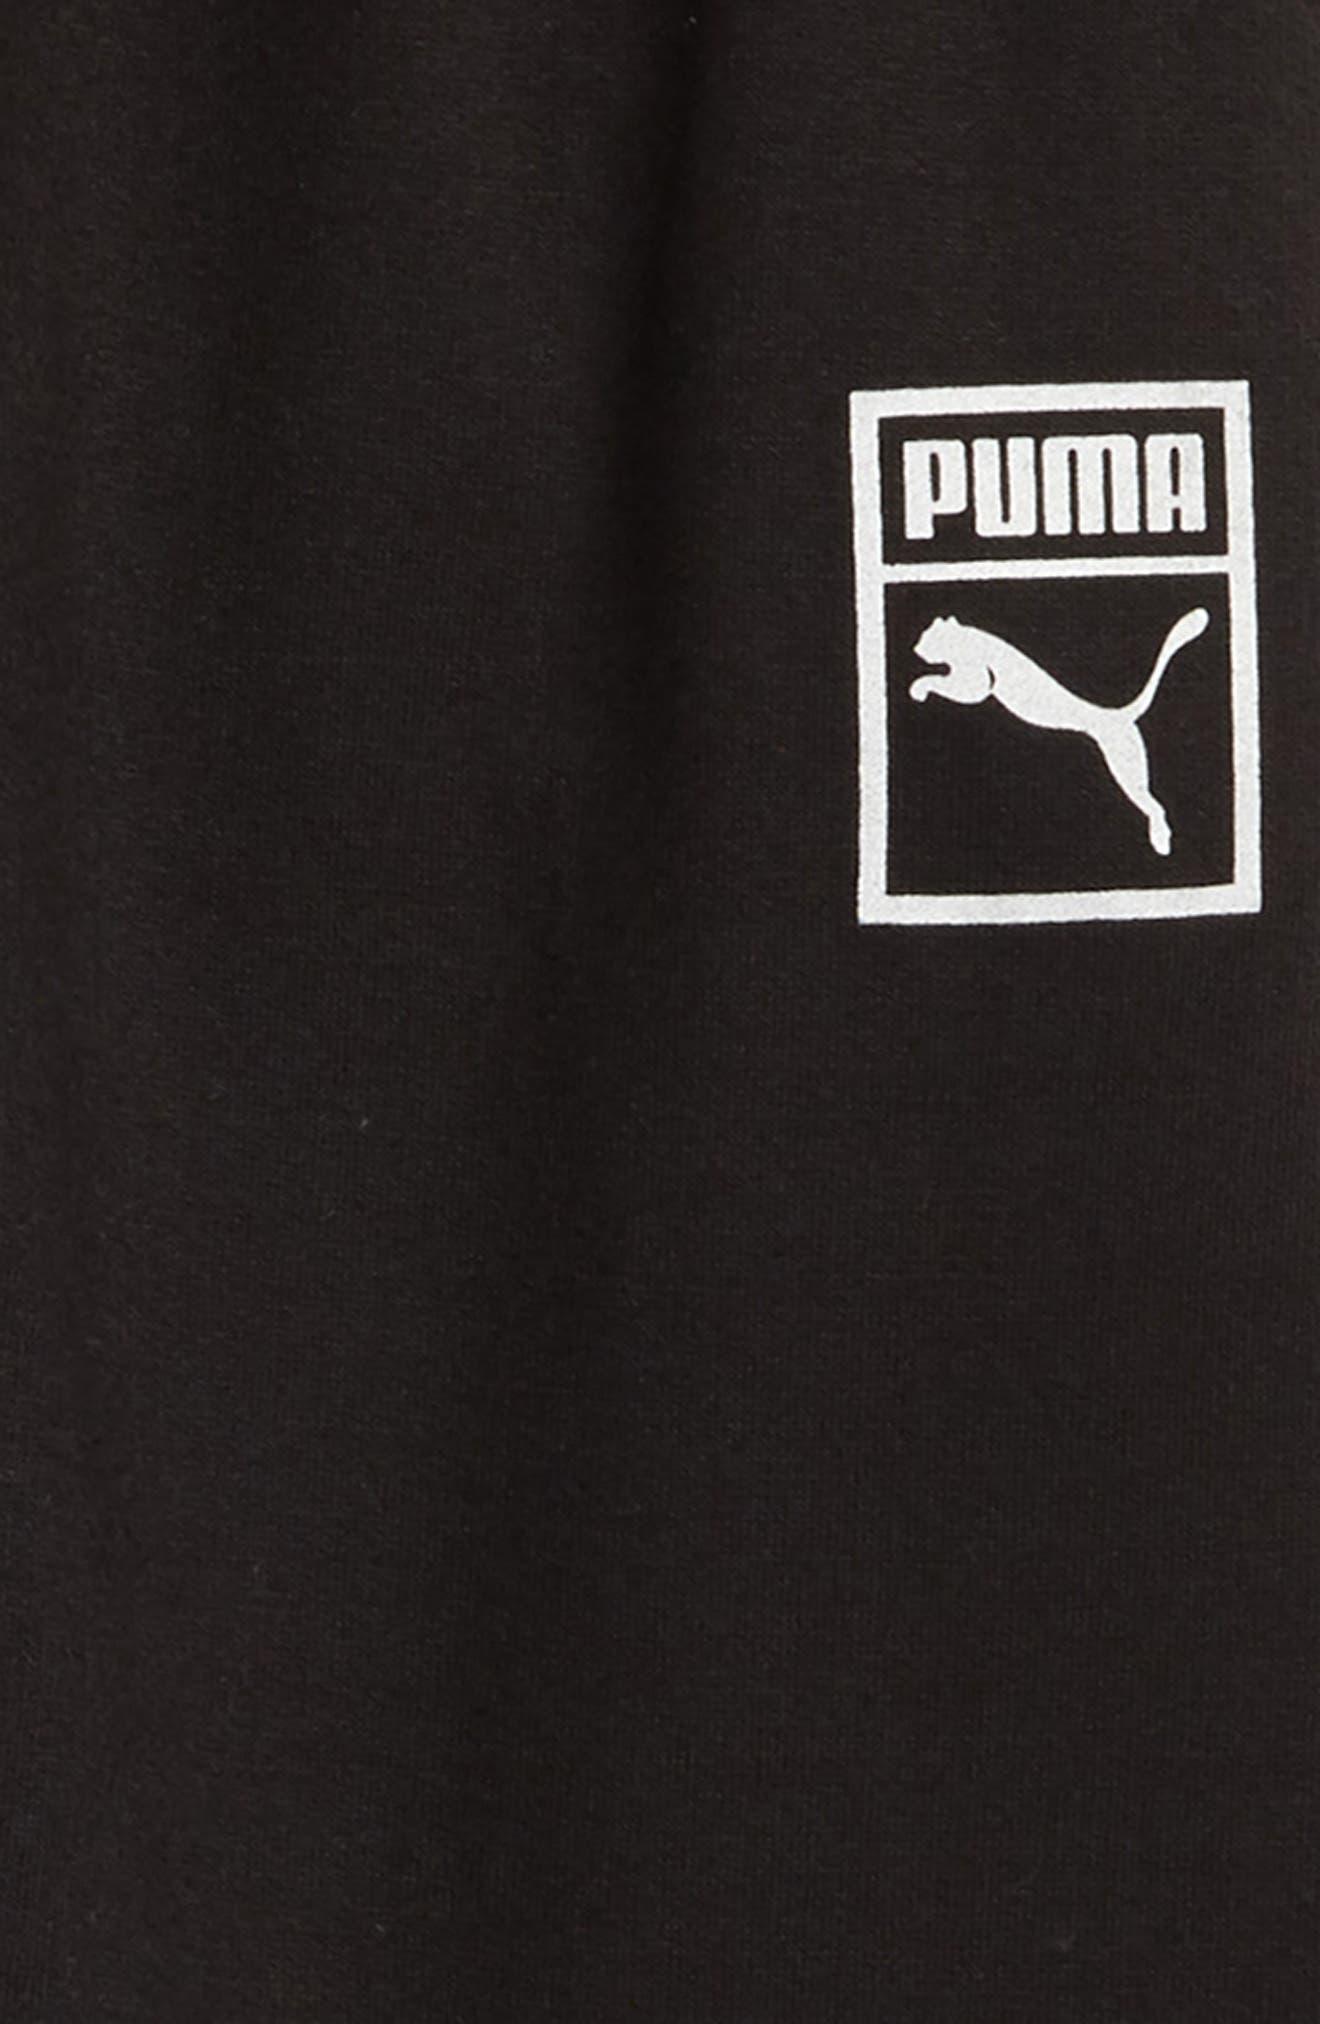 PUMA,                             Fleece Jogger Pants,                             Alternate thumbnail 2, color,                             001